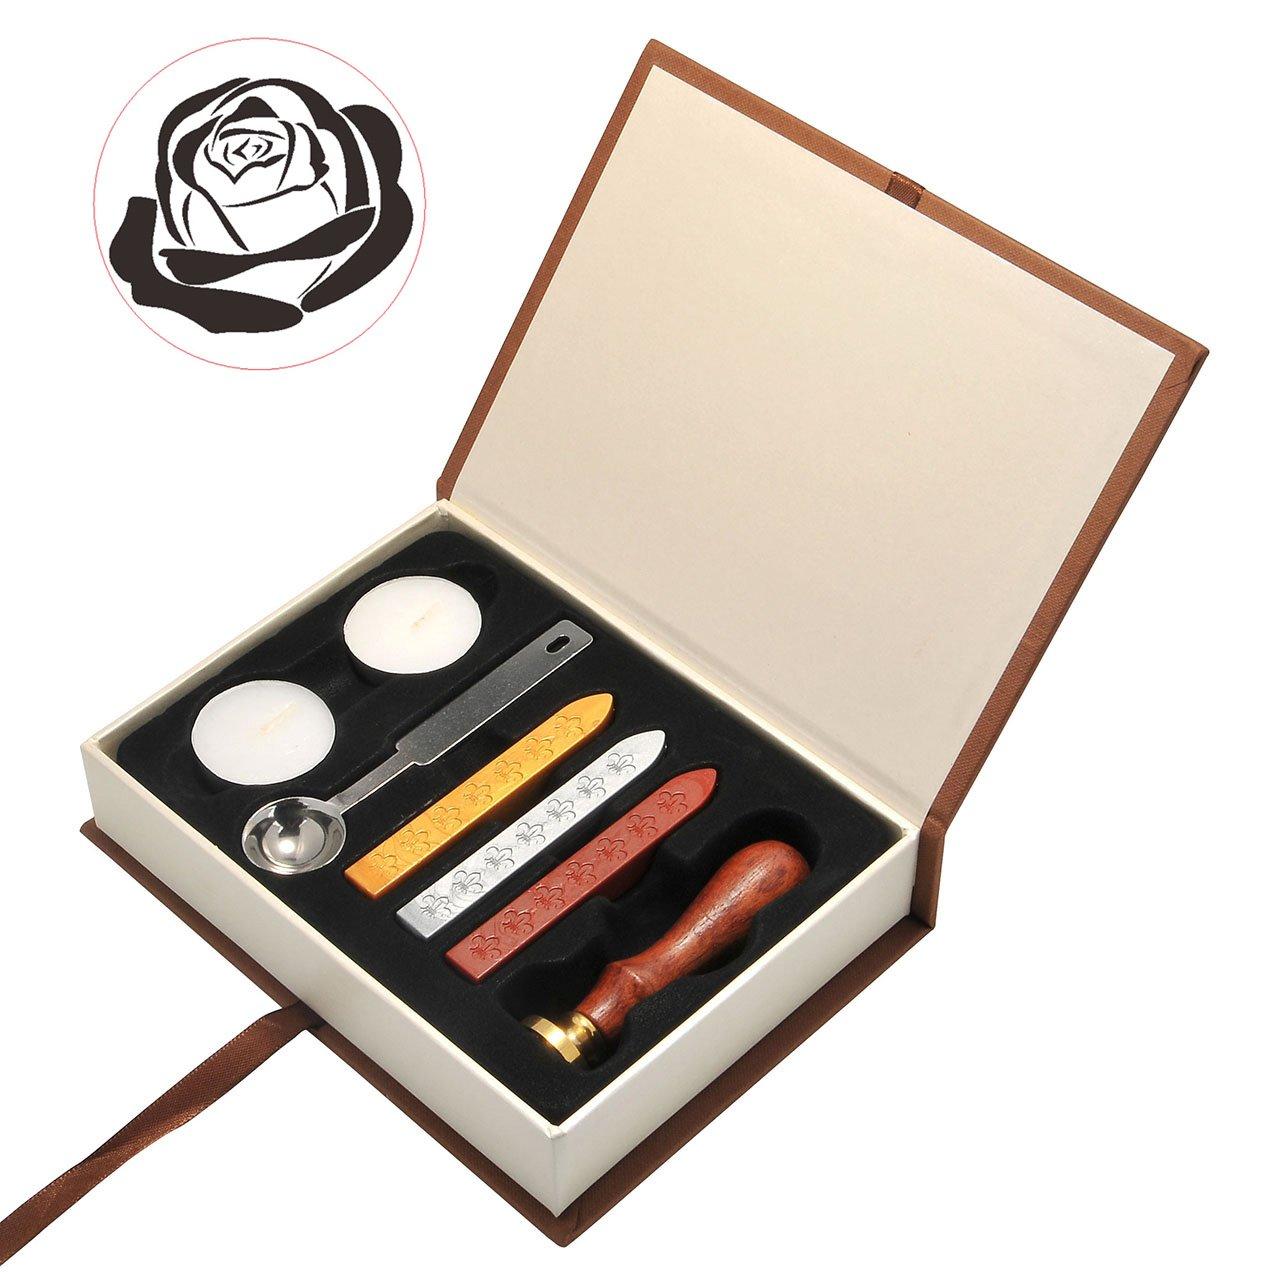 Mogoko Set retrò per sigillo con ceralacca, con timbro, in palissandro, sigillo decorativo, scuola di magia, distintivo, cera, cucchiaio, impugnatura in legno, personalizzato, set regalo cuore MMDE1207